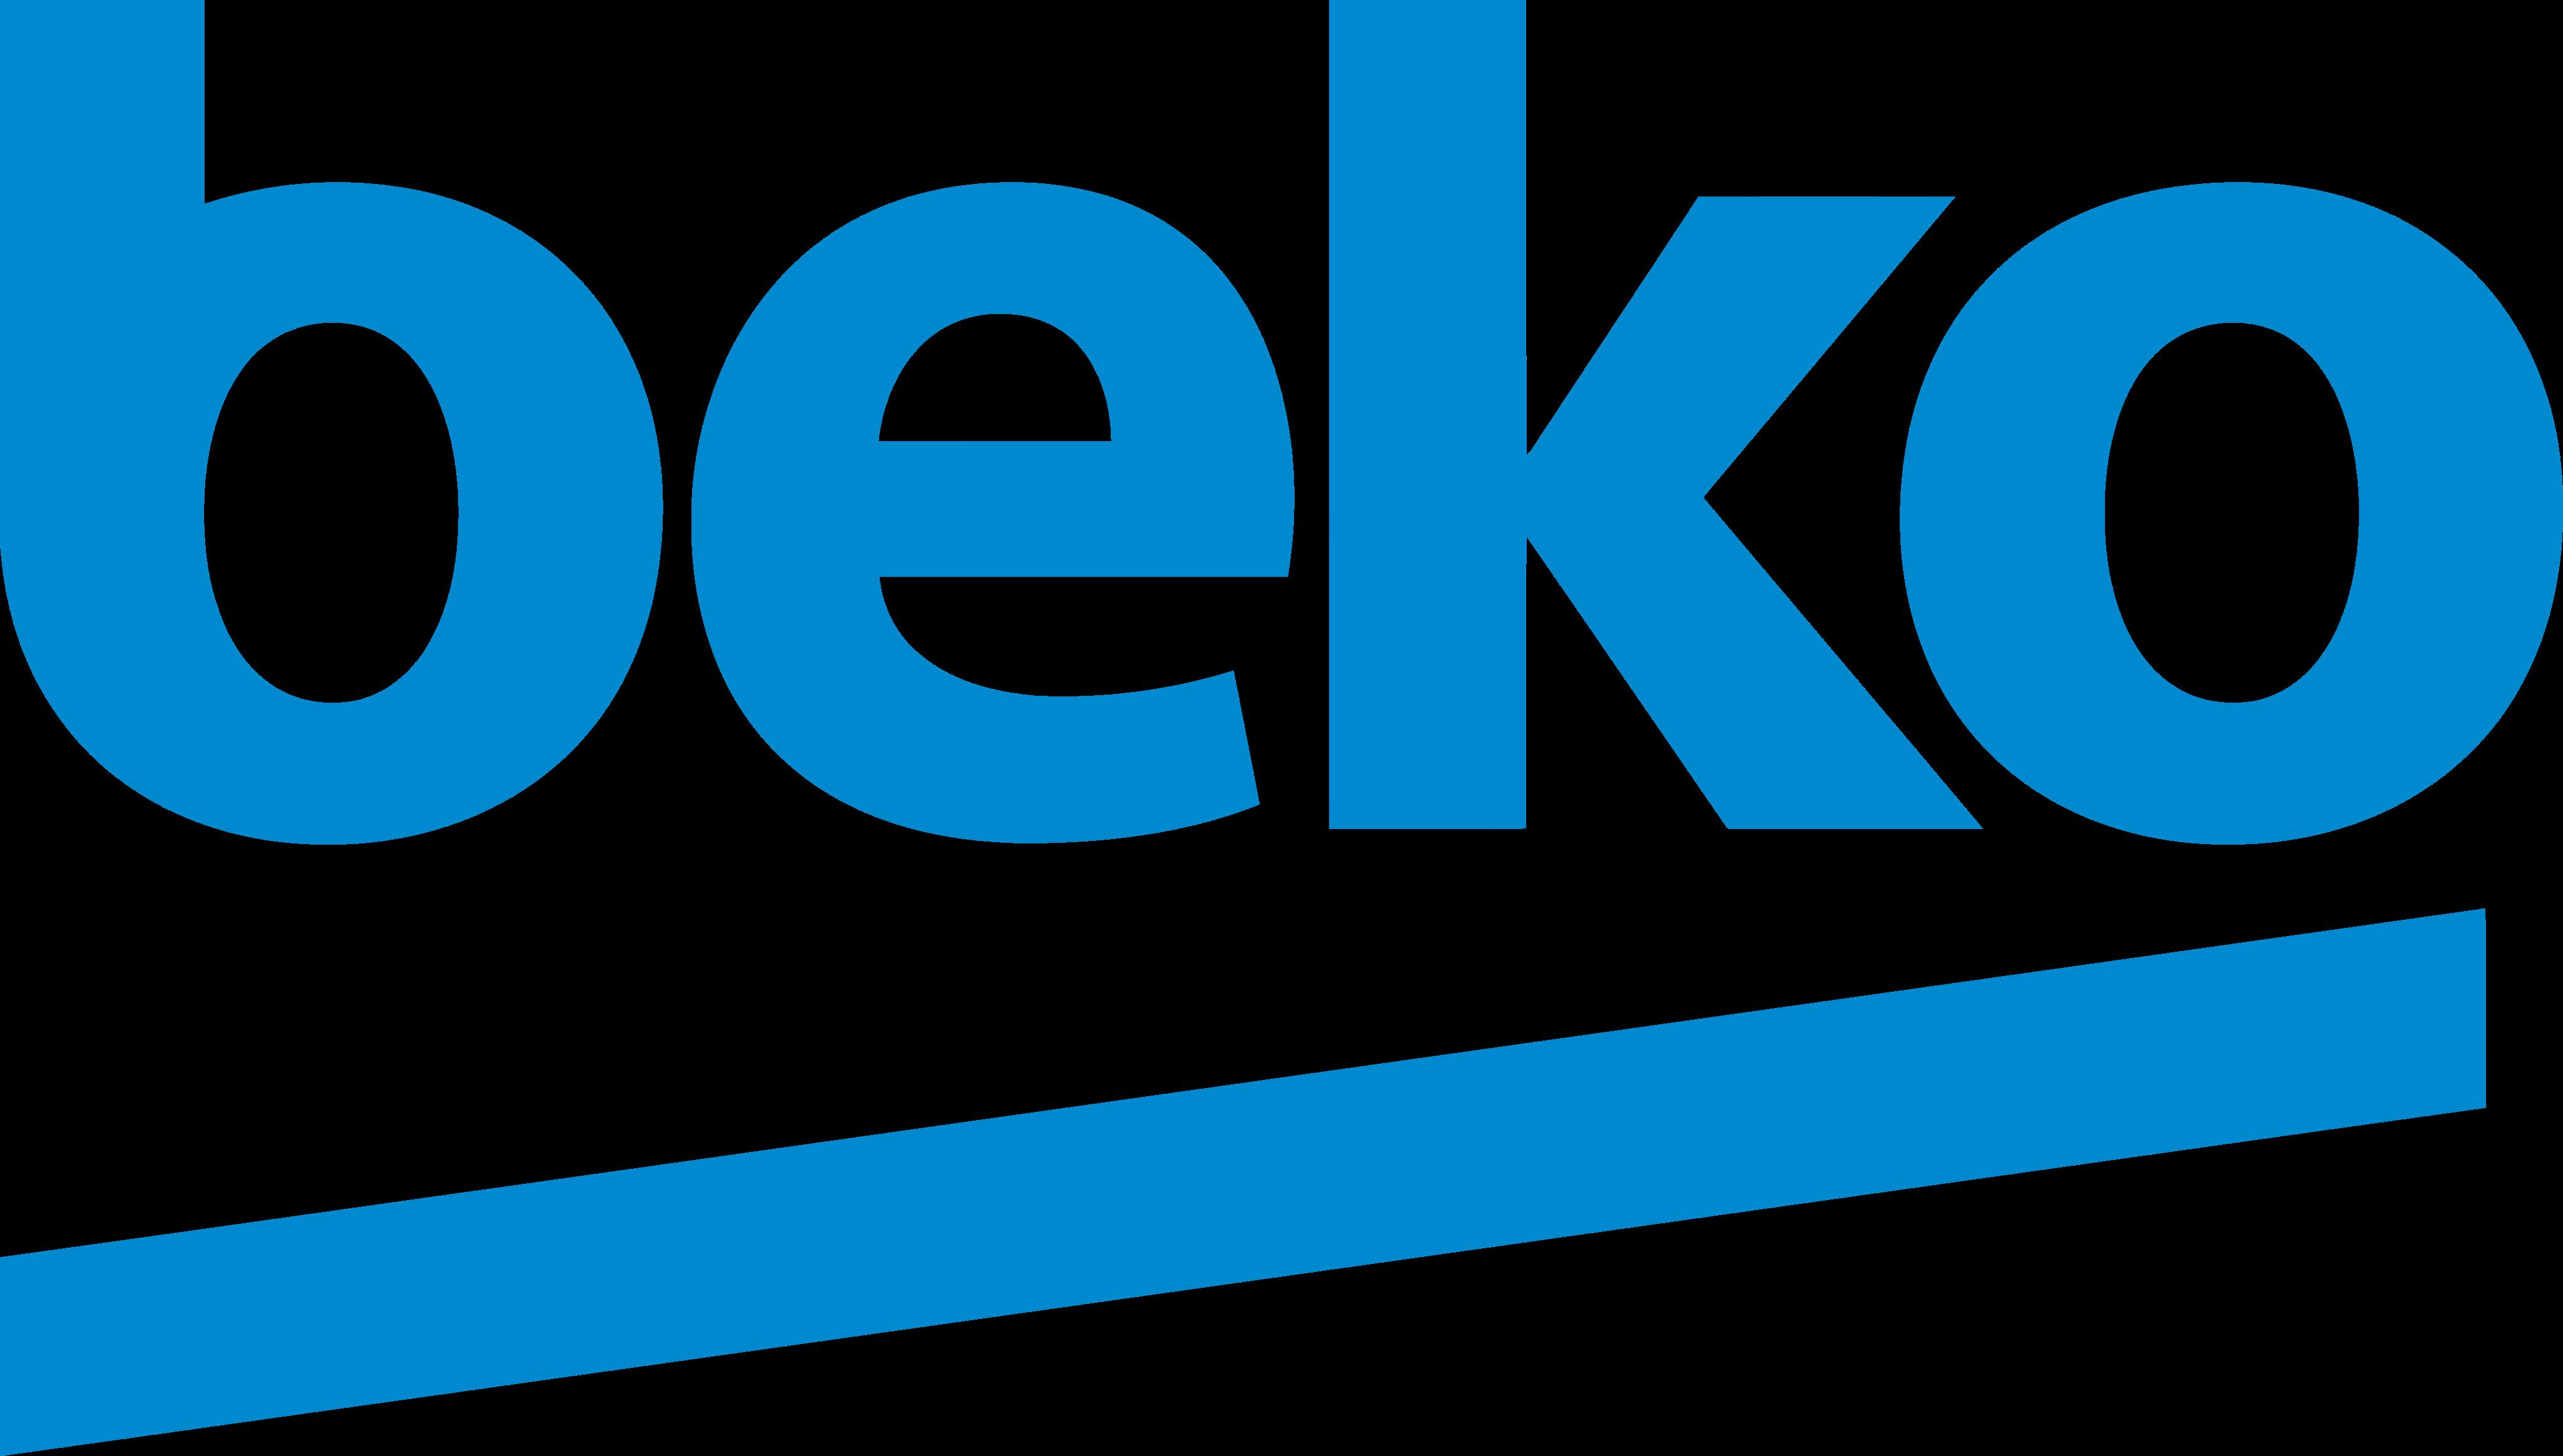 beko logo - Beko Logo